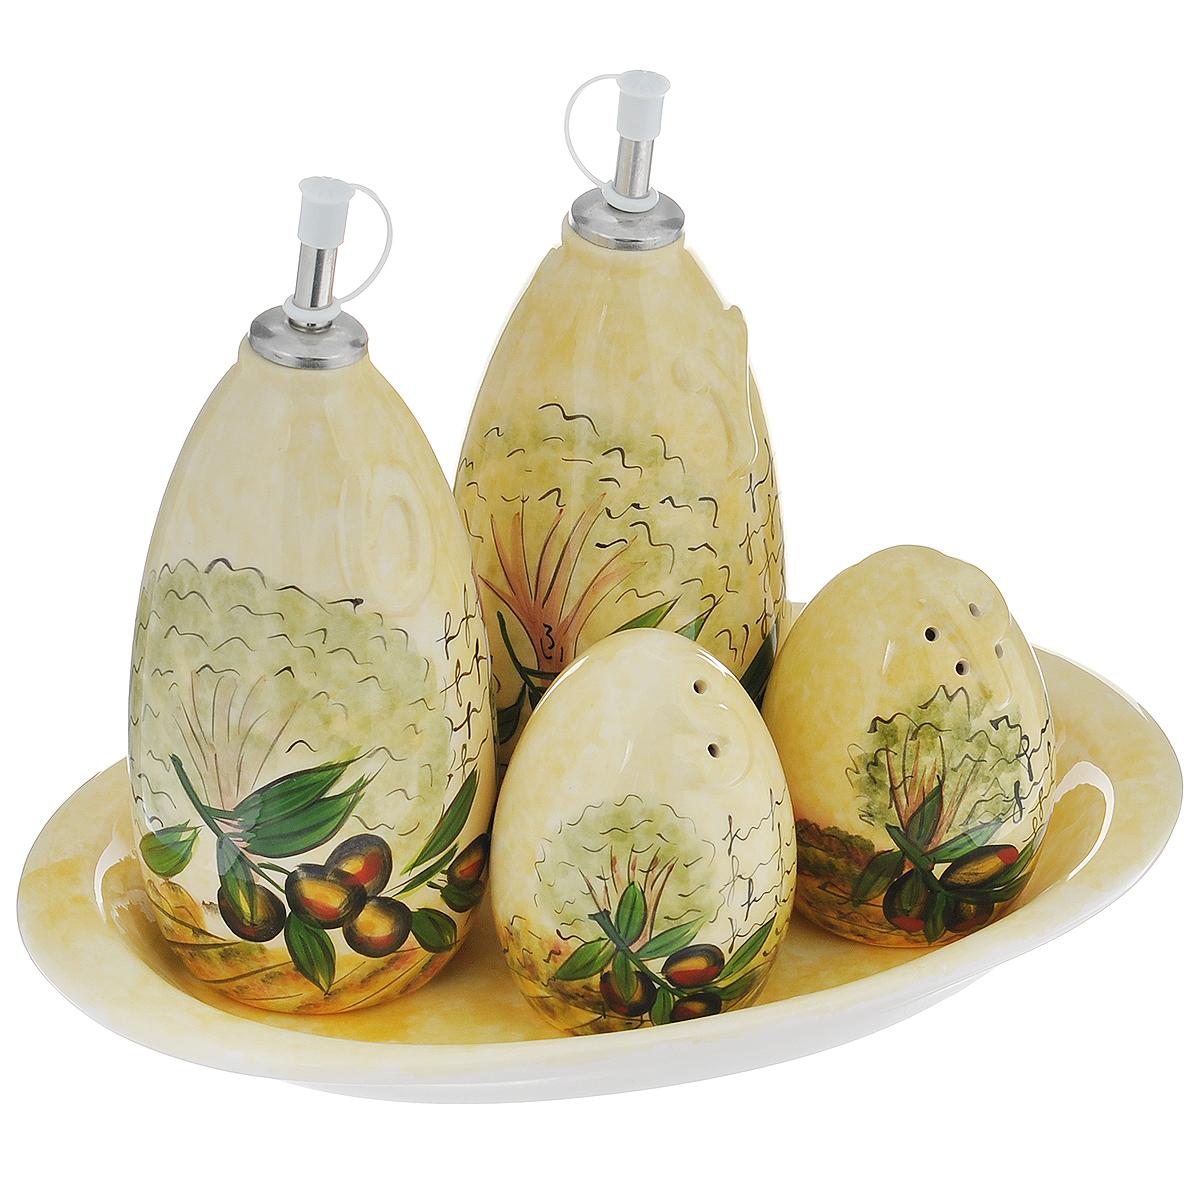 Набор для специй Маслины, 5 предметовDFC02080-02208 5/SНабор Маслины состоит из двух соусников, перечницы и солонки. Предметы набора изготовлены из доломитовой керамики и декорированы изображением маслин. Изделия помещаются на удобную овальную подставку. Оригинальный дизайн, эстетичность и функциональность набора позволят ему стать достойным дополнением к кухонному инвентарю.Можно мыть в посудомоечной машине на минимальной температуре.Высота соусника (с учетом крышки): 19,5 см.Диаметр основания соусника: 6,3 см.Высота солонки и перечницы: 9,5 см.Диаметр основания солонки и перечницы: 5,3 см.Размер подставки: 28,5 см х 18 см х 3 см.